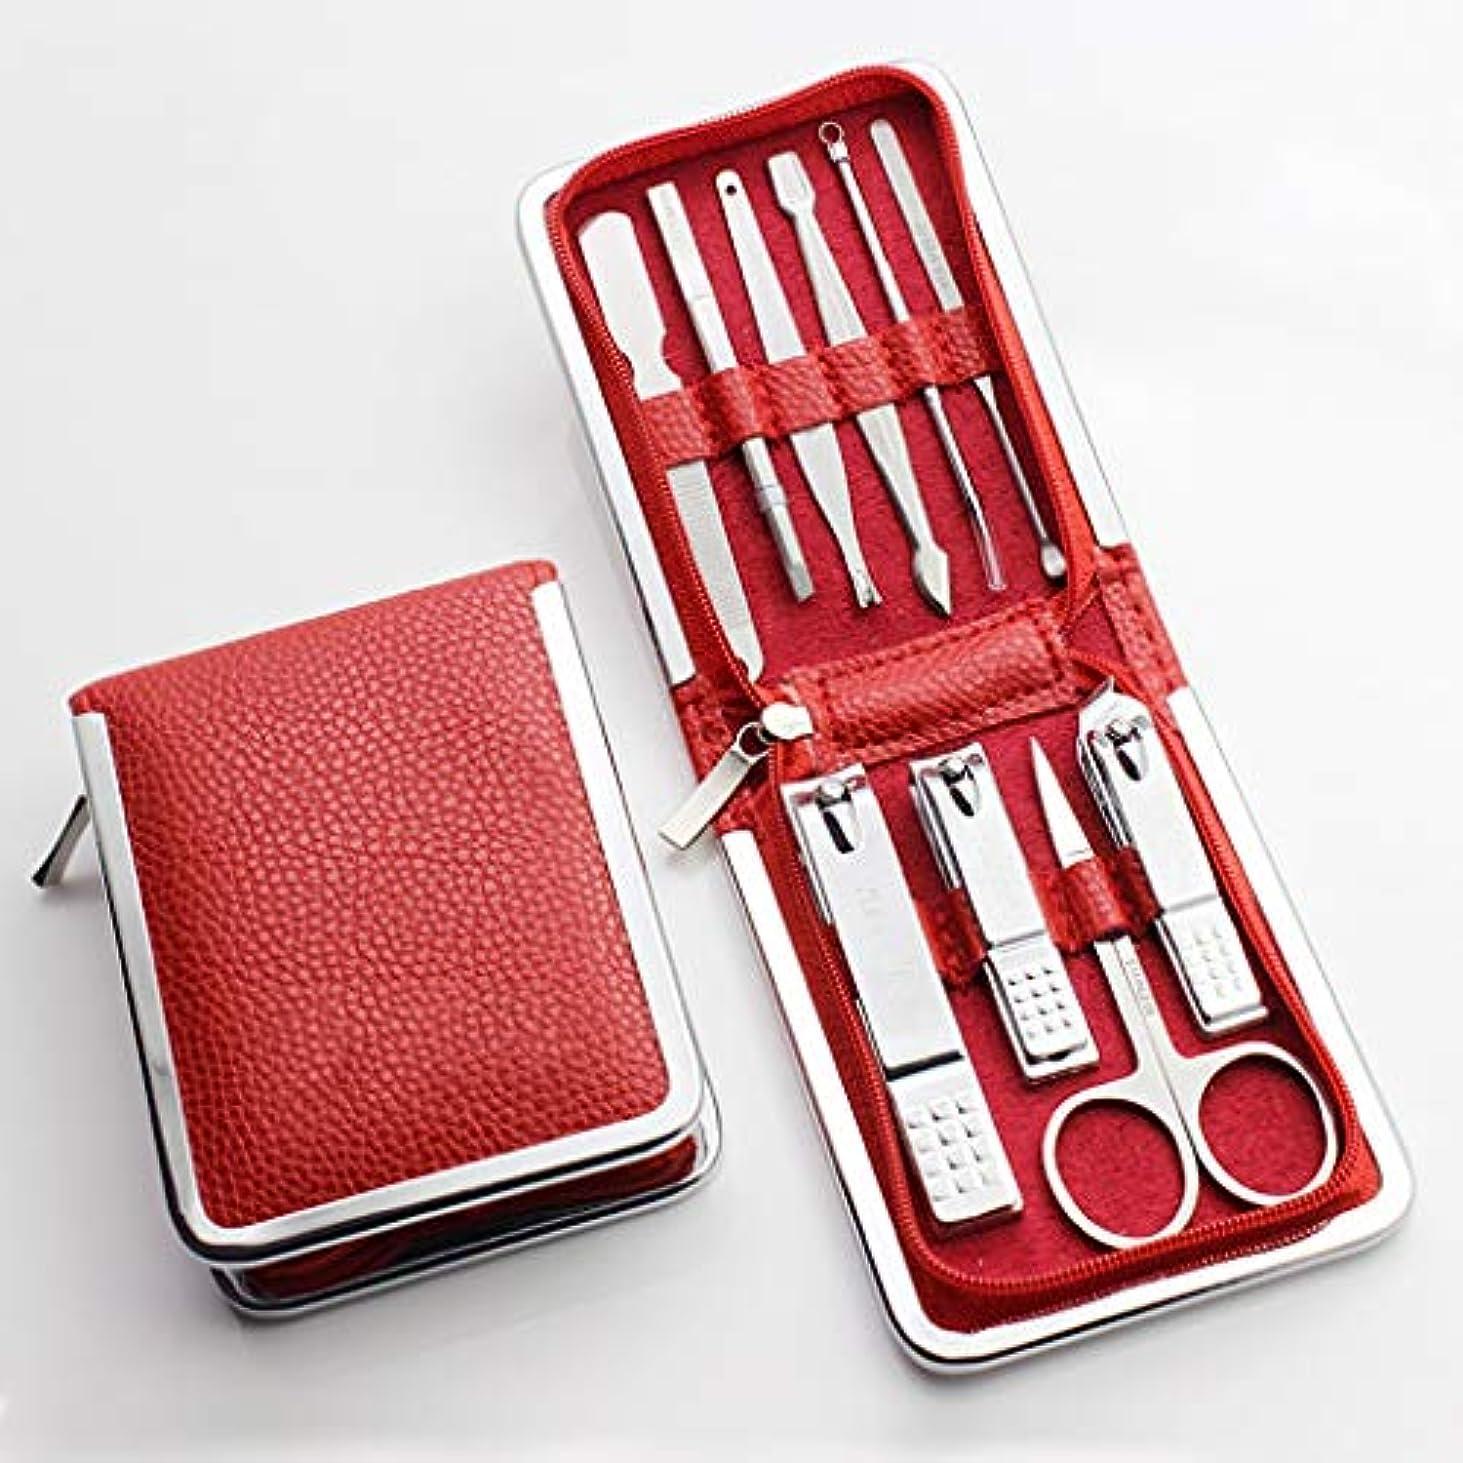 文献トレイル不愉快にマニキュアセット(10点セット)、プロのパーソナルケア、高級スーツケース付きマニキュアツール、家庭用、旅行、デイリーケアに最適,Red